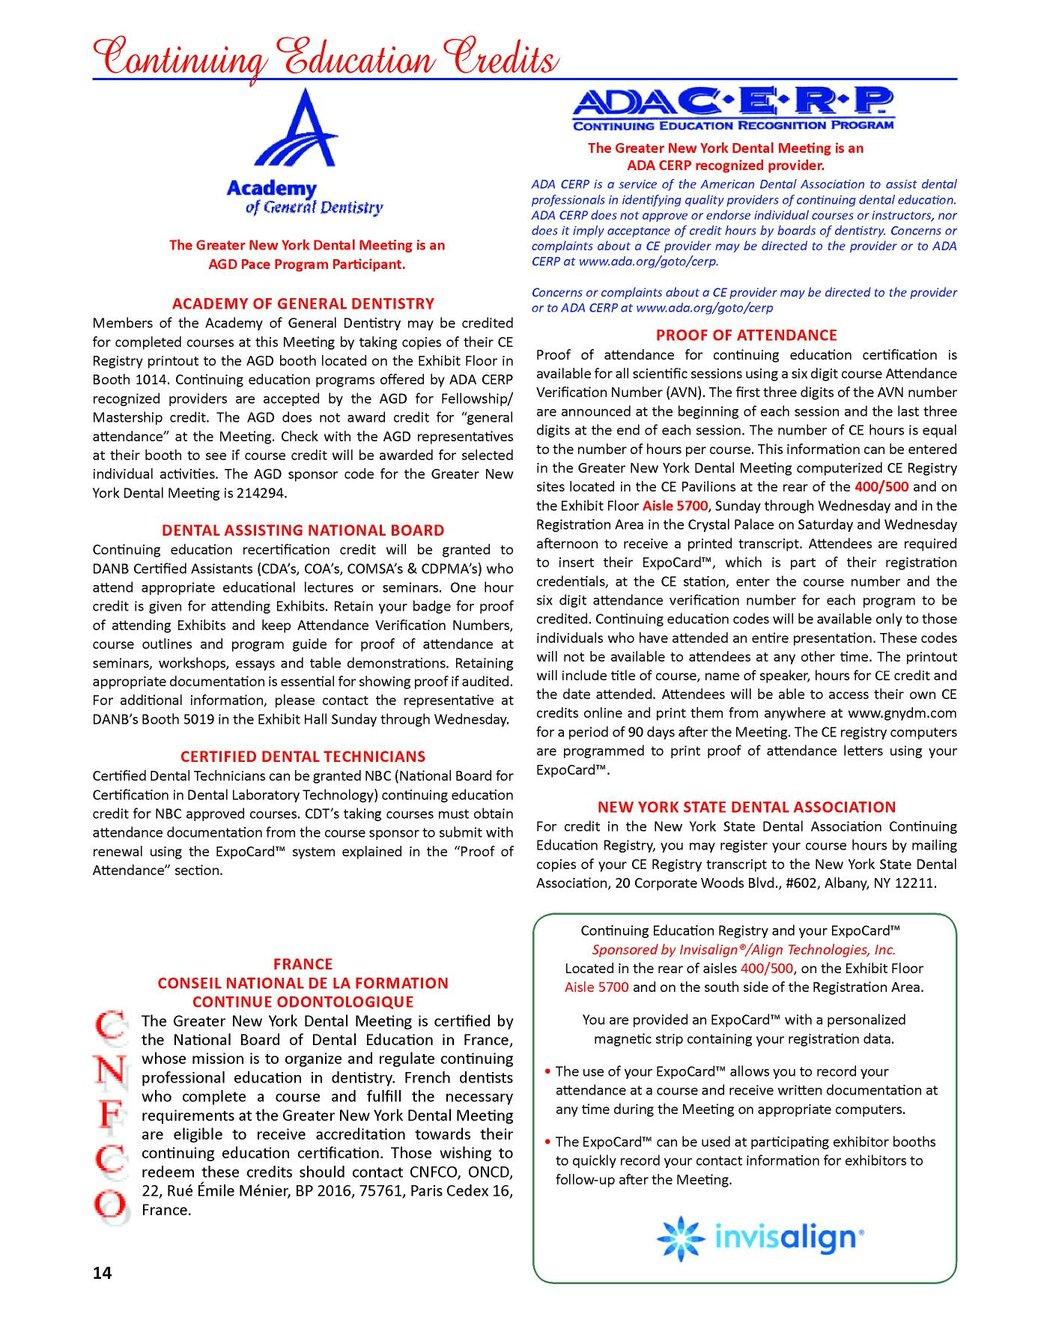 Greater New York Dental Meeting Program Guide 2010